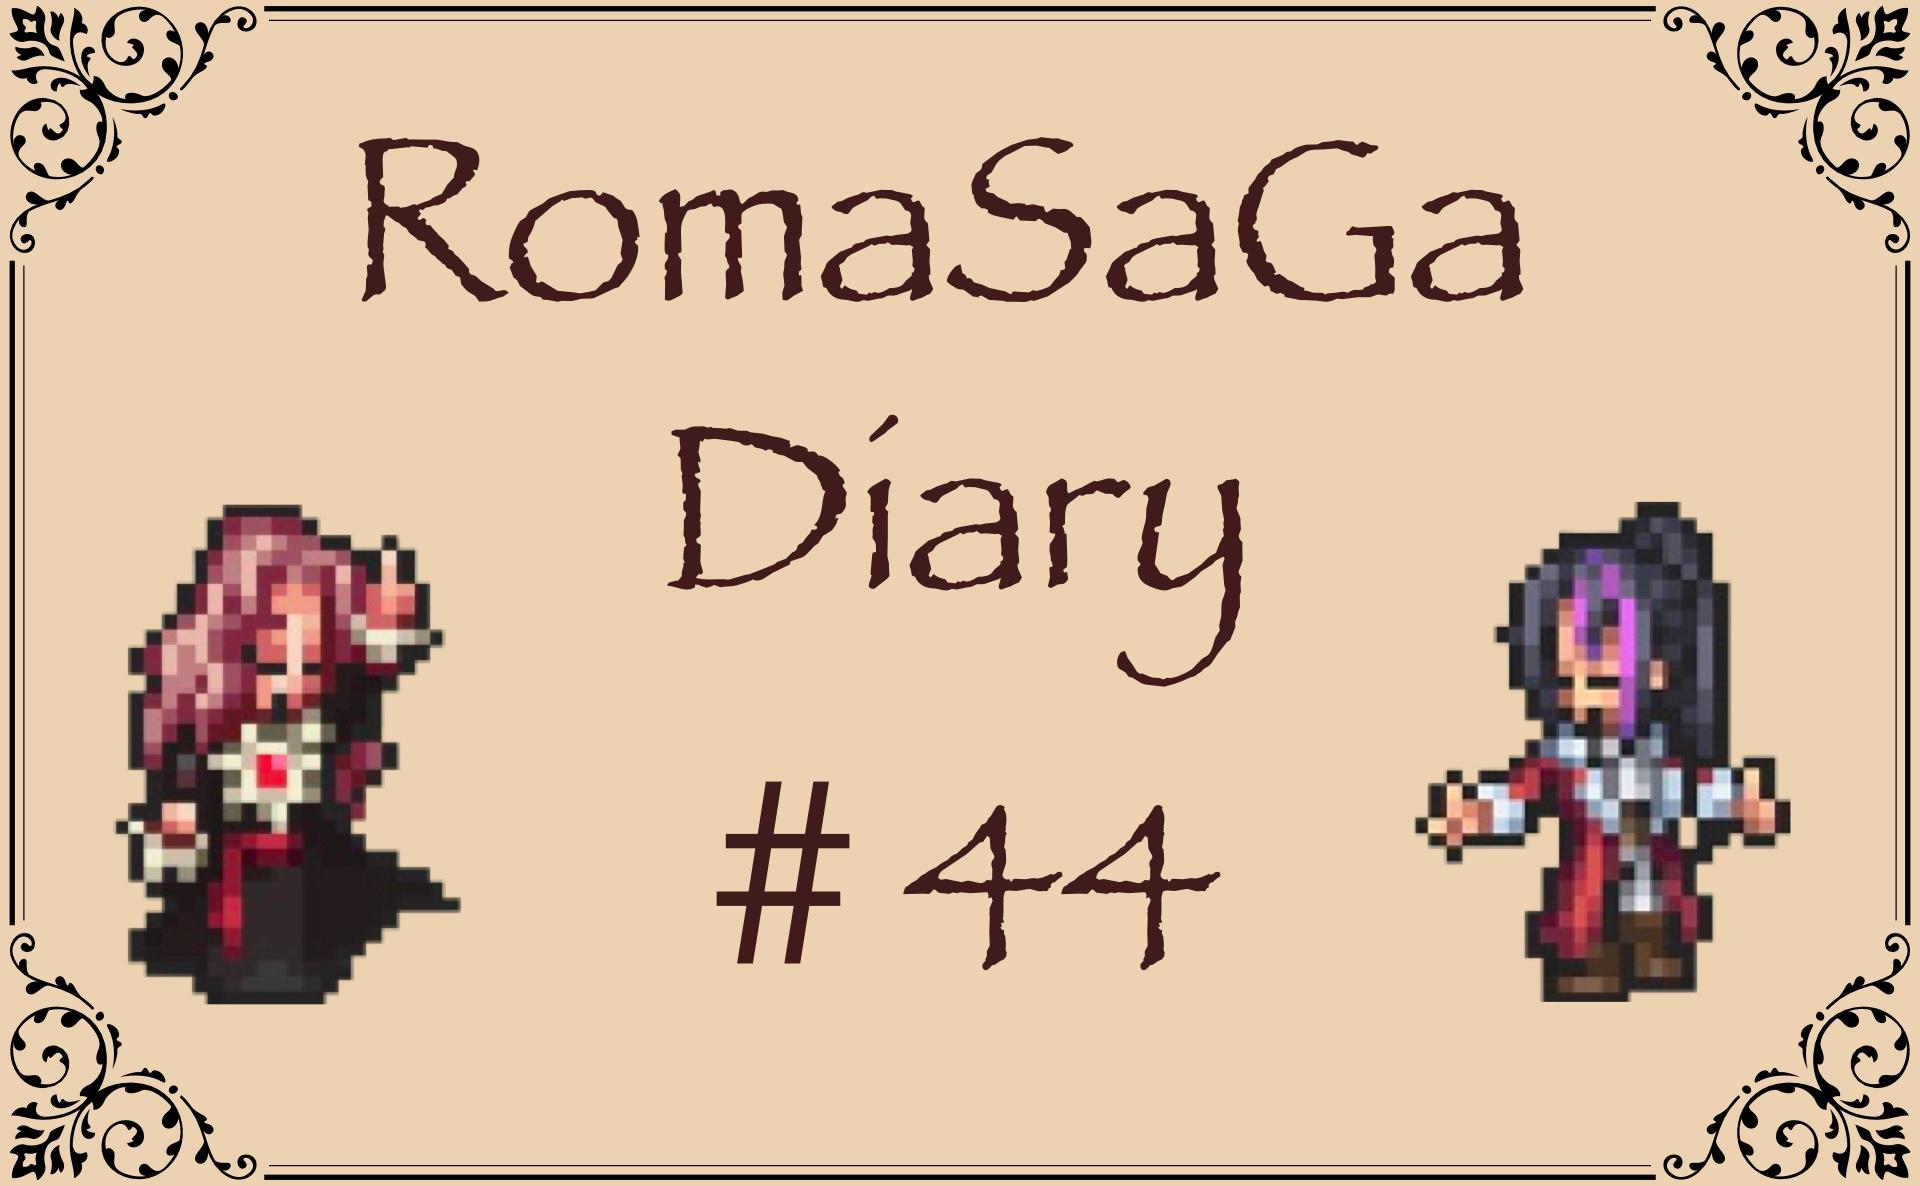 ロマサガDiary#44